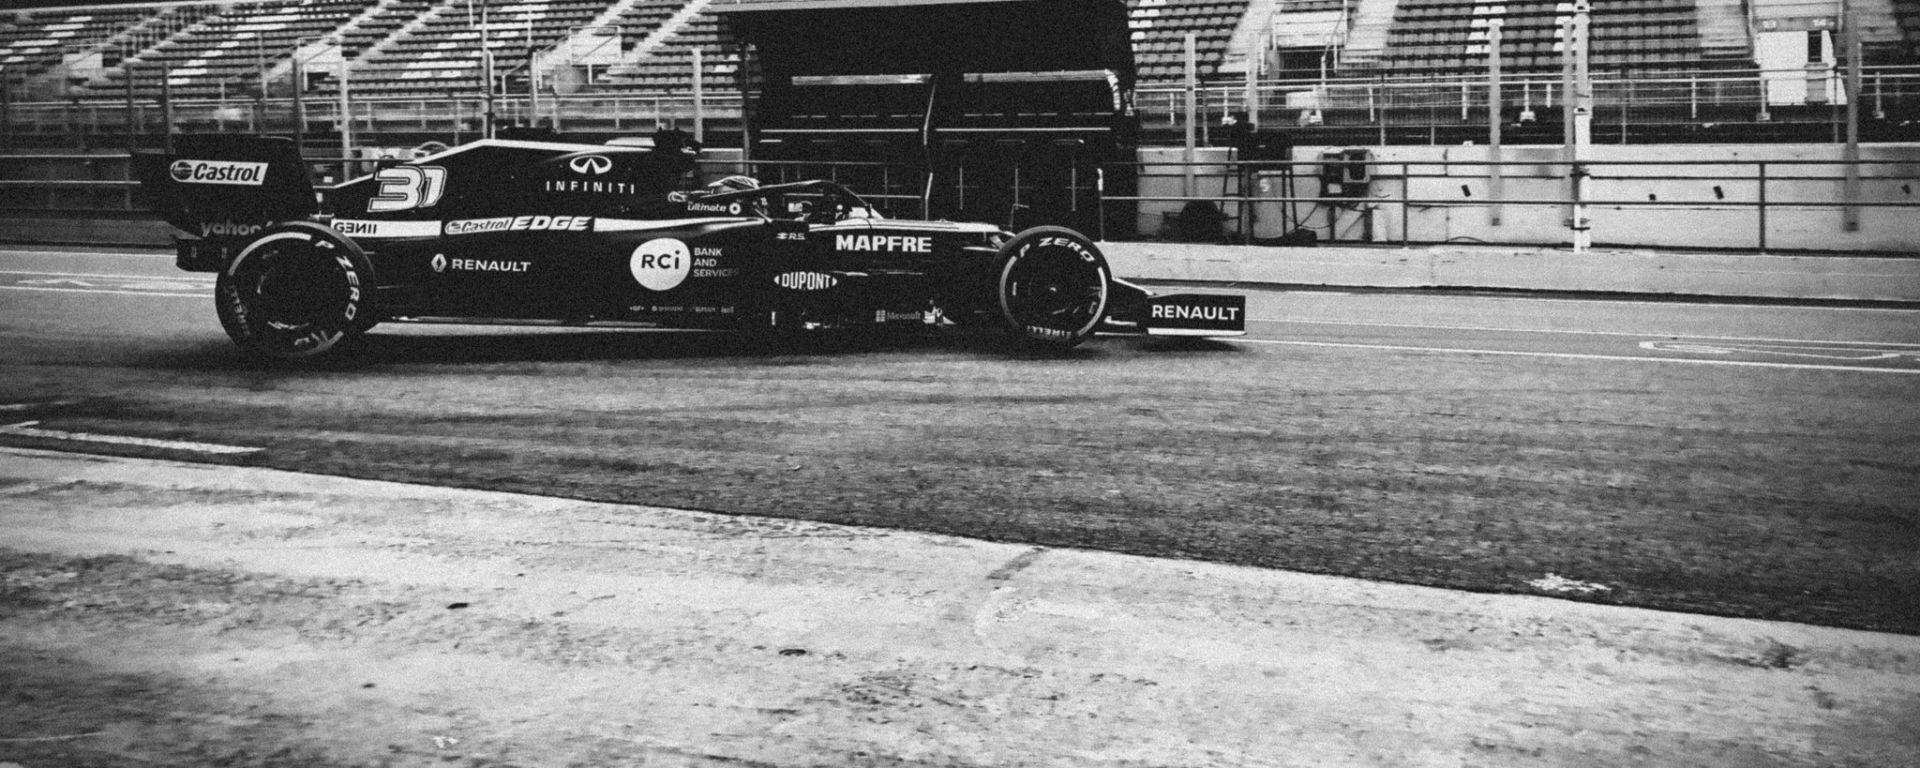 F1 2020: la prima immagine della nuova Renault RS20